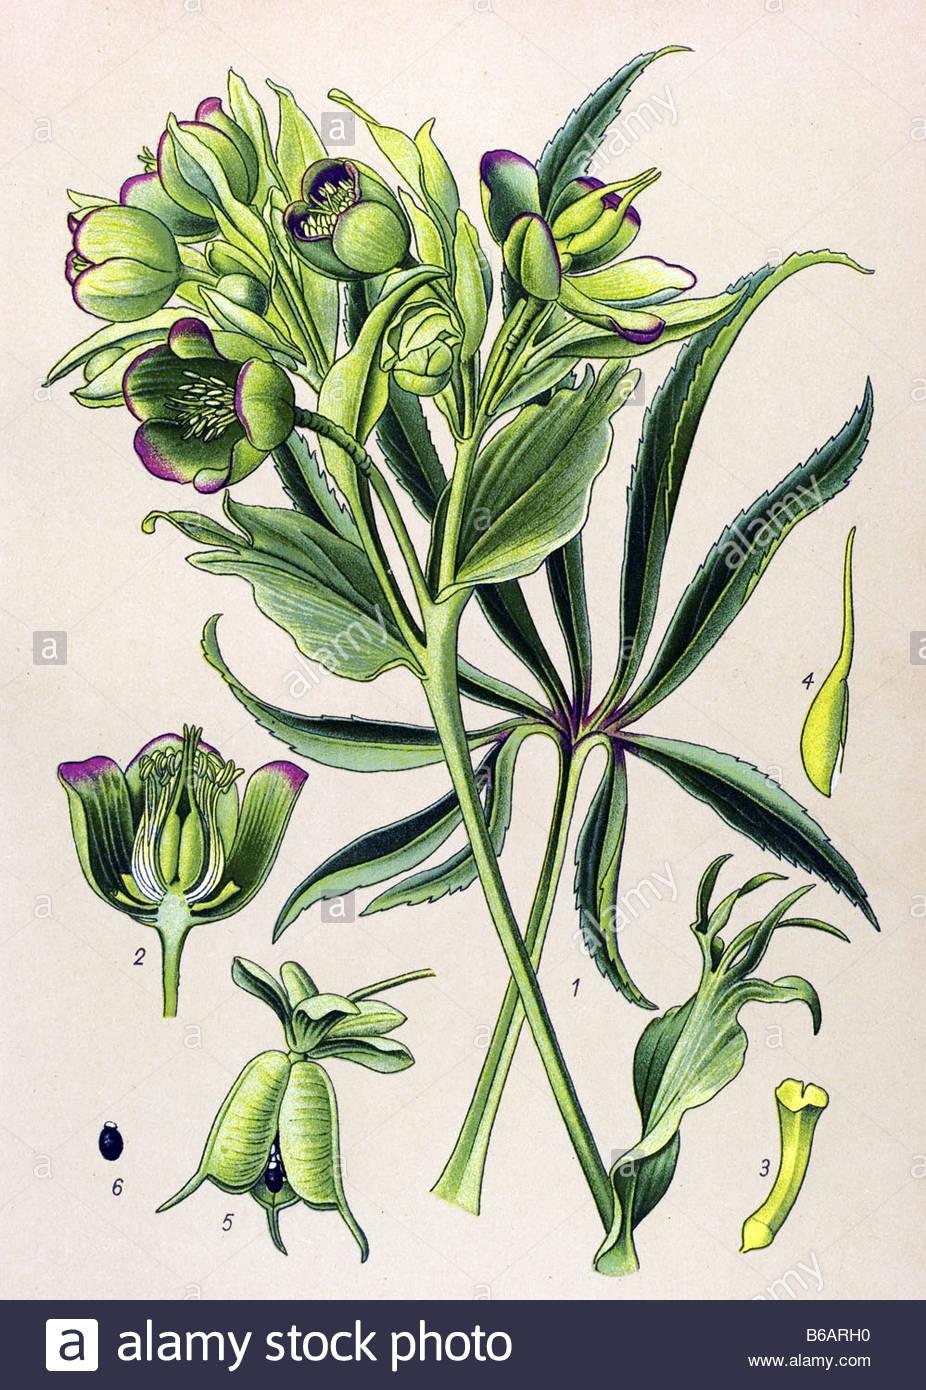 Stinking hellebore, Helleborus foetidus, poisonous plants.